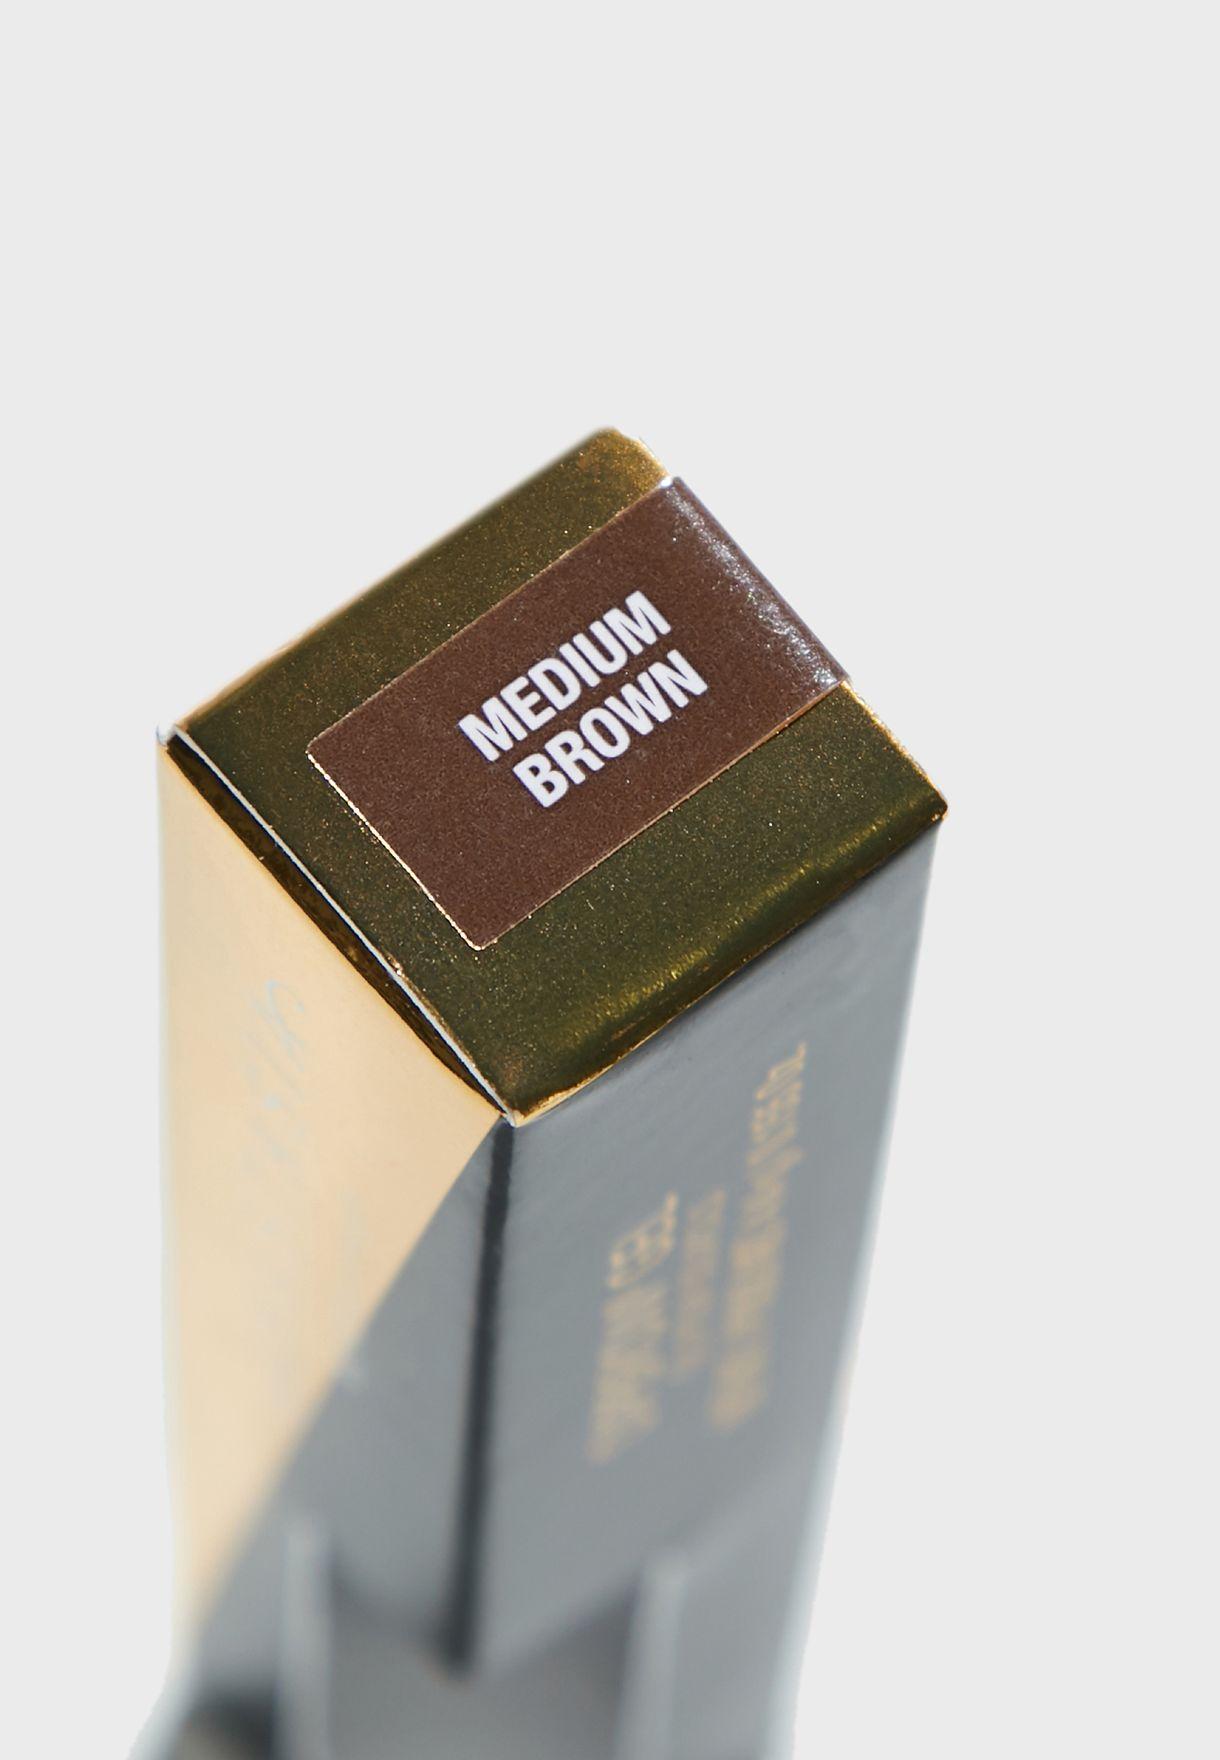 Dipbrow Gel - Medium Brown